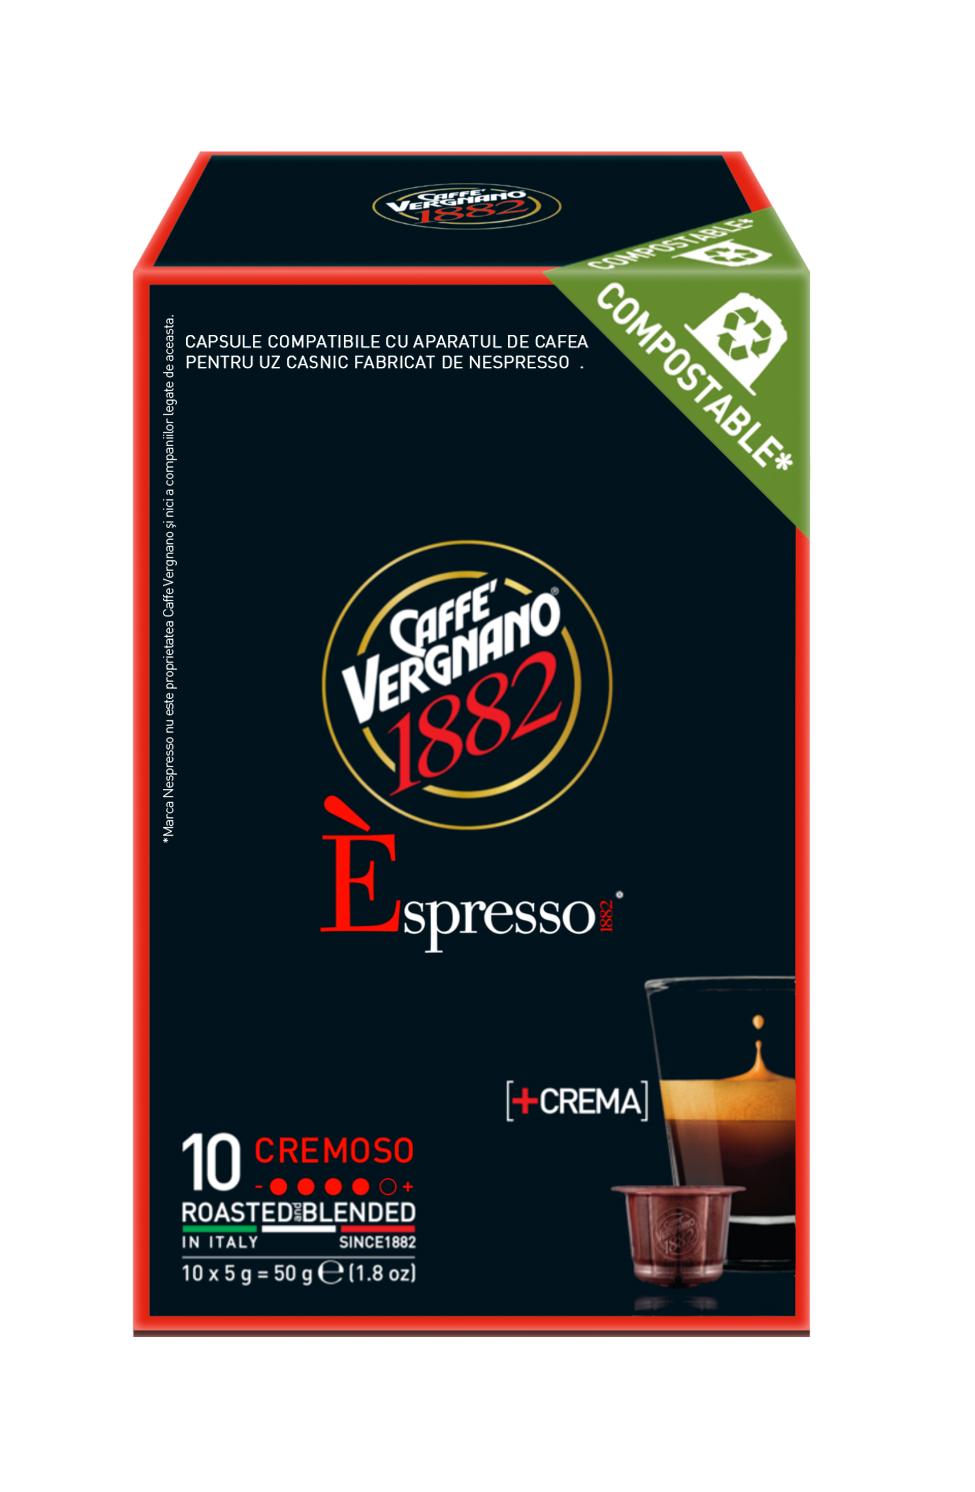 Vergnano E'spresso Cremoso komposztálható kapszula 50g